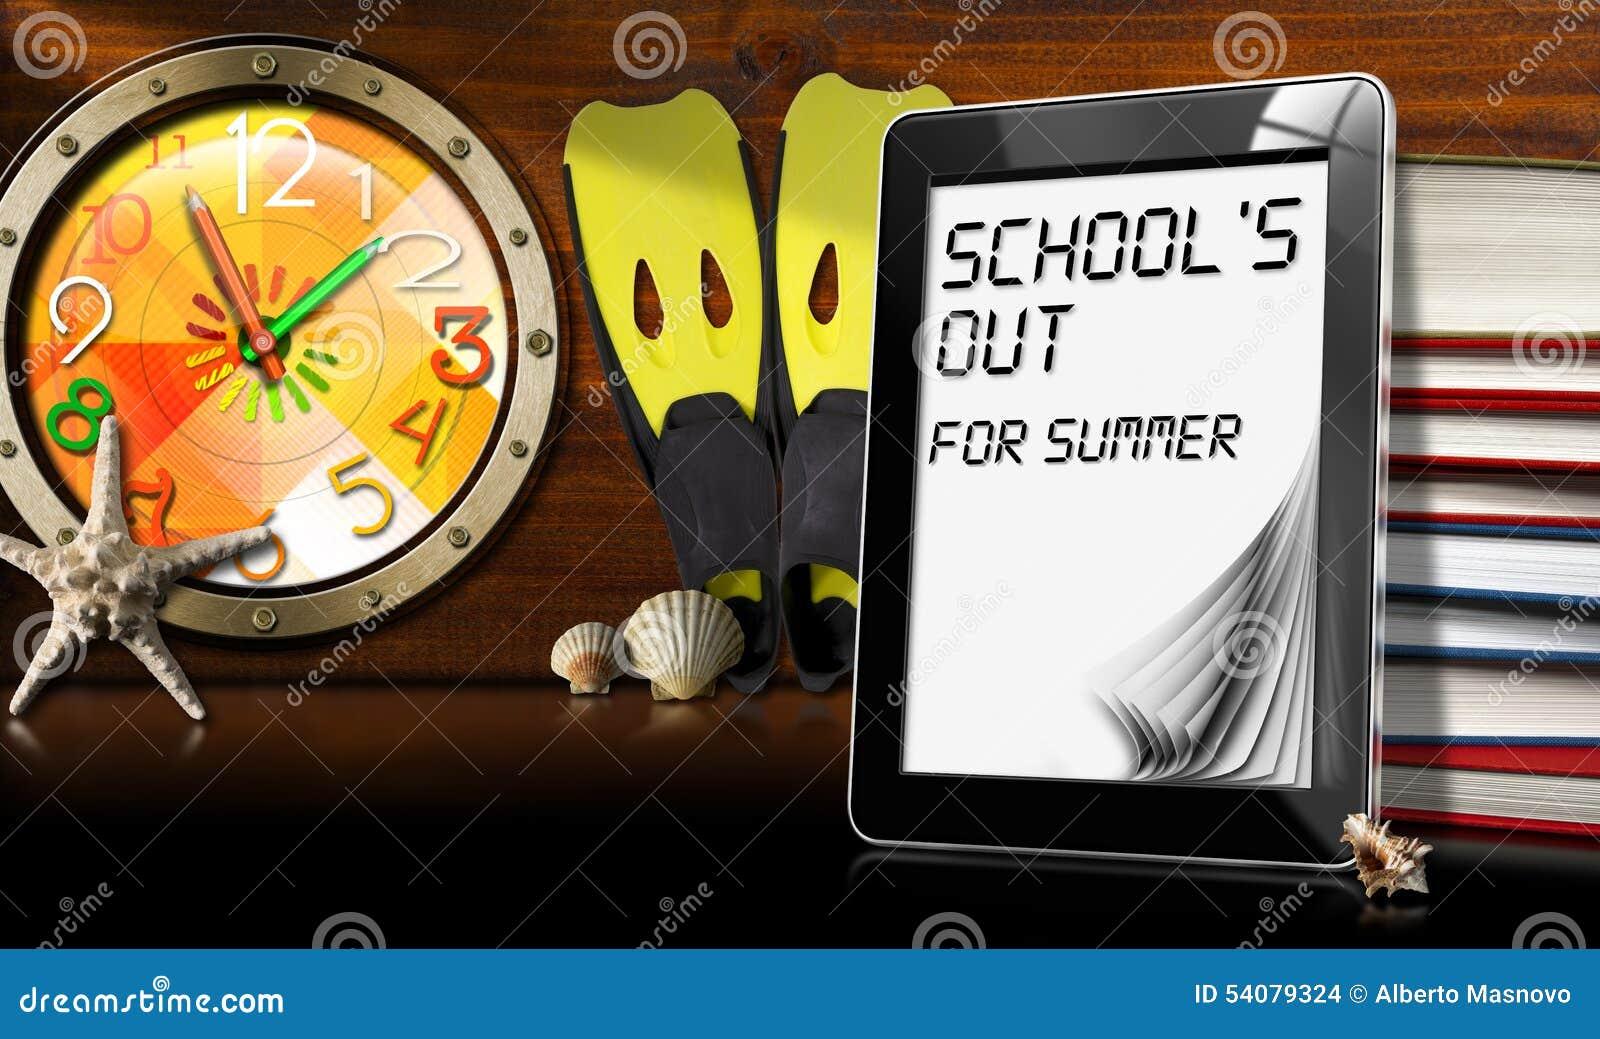 School uit voor de Zomer - Tabletcomputer